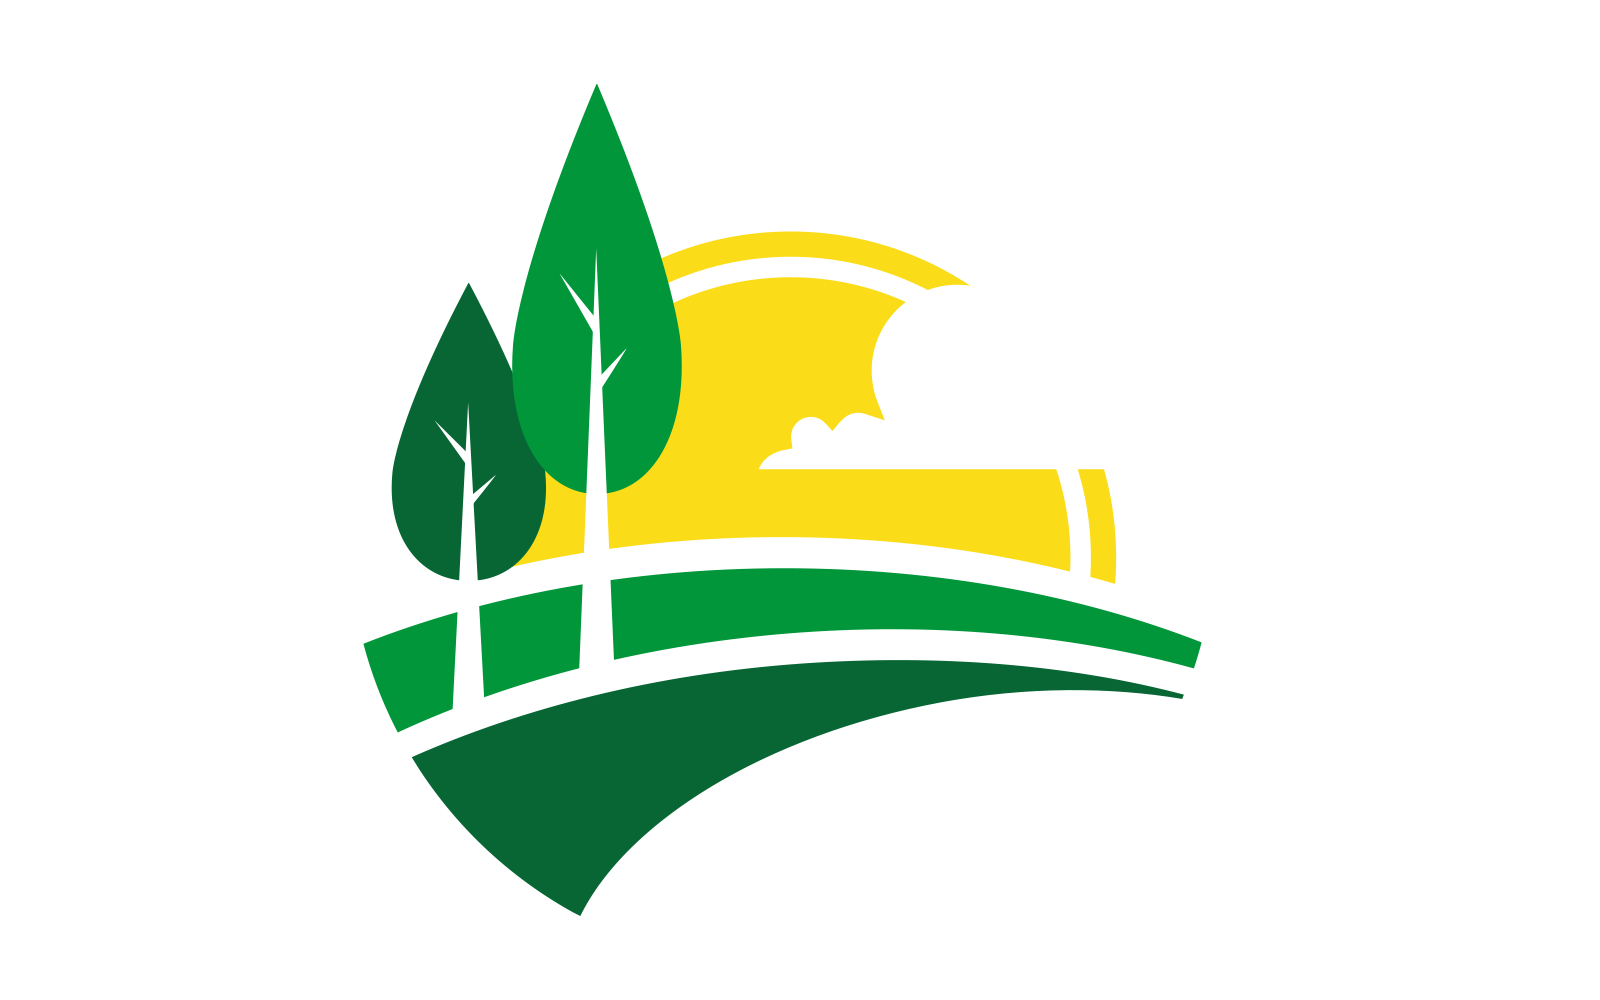 pf-logo-varkenshaas-2